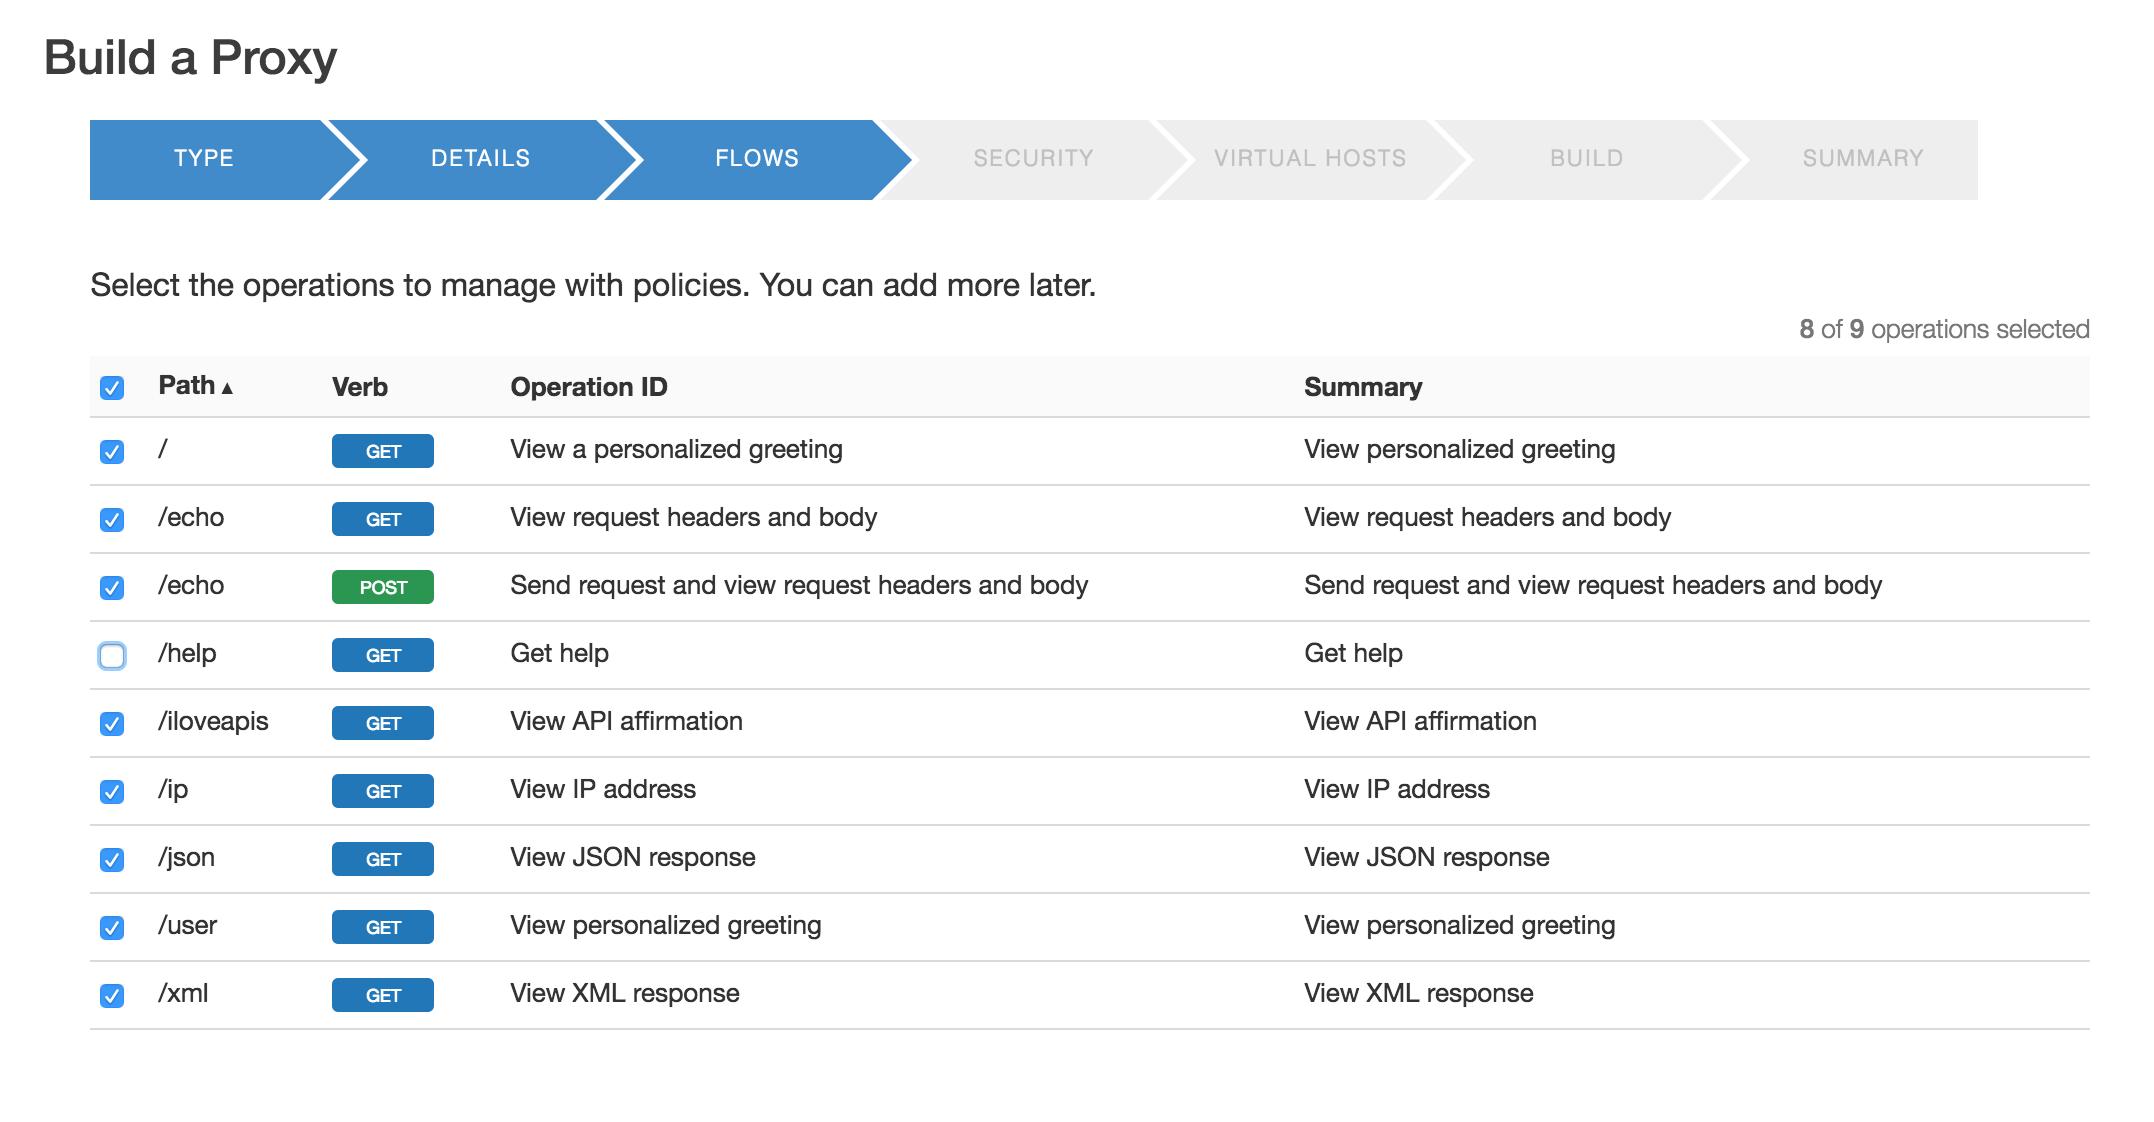 Mock Target API の各オペレーションのパス、動詞、オペレーション ID、要約が表示された [Build a Proxy] の [Flows] ページ。/help 以外のすべてが選択されています。